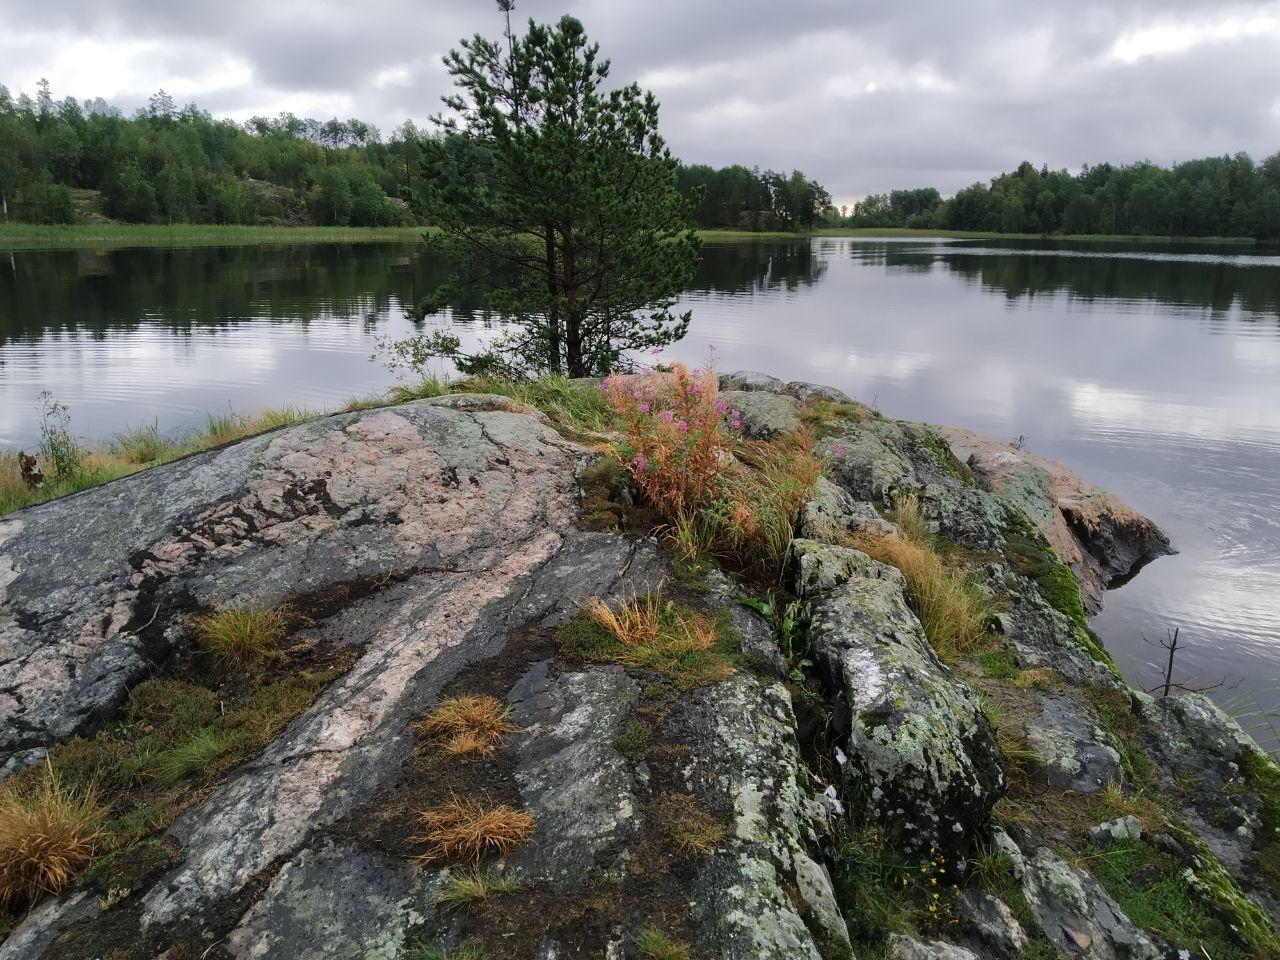 Национальный парк Ладожские шхеры - благословенное место